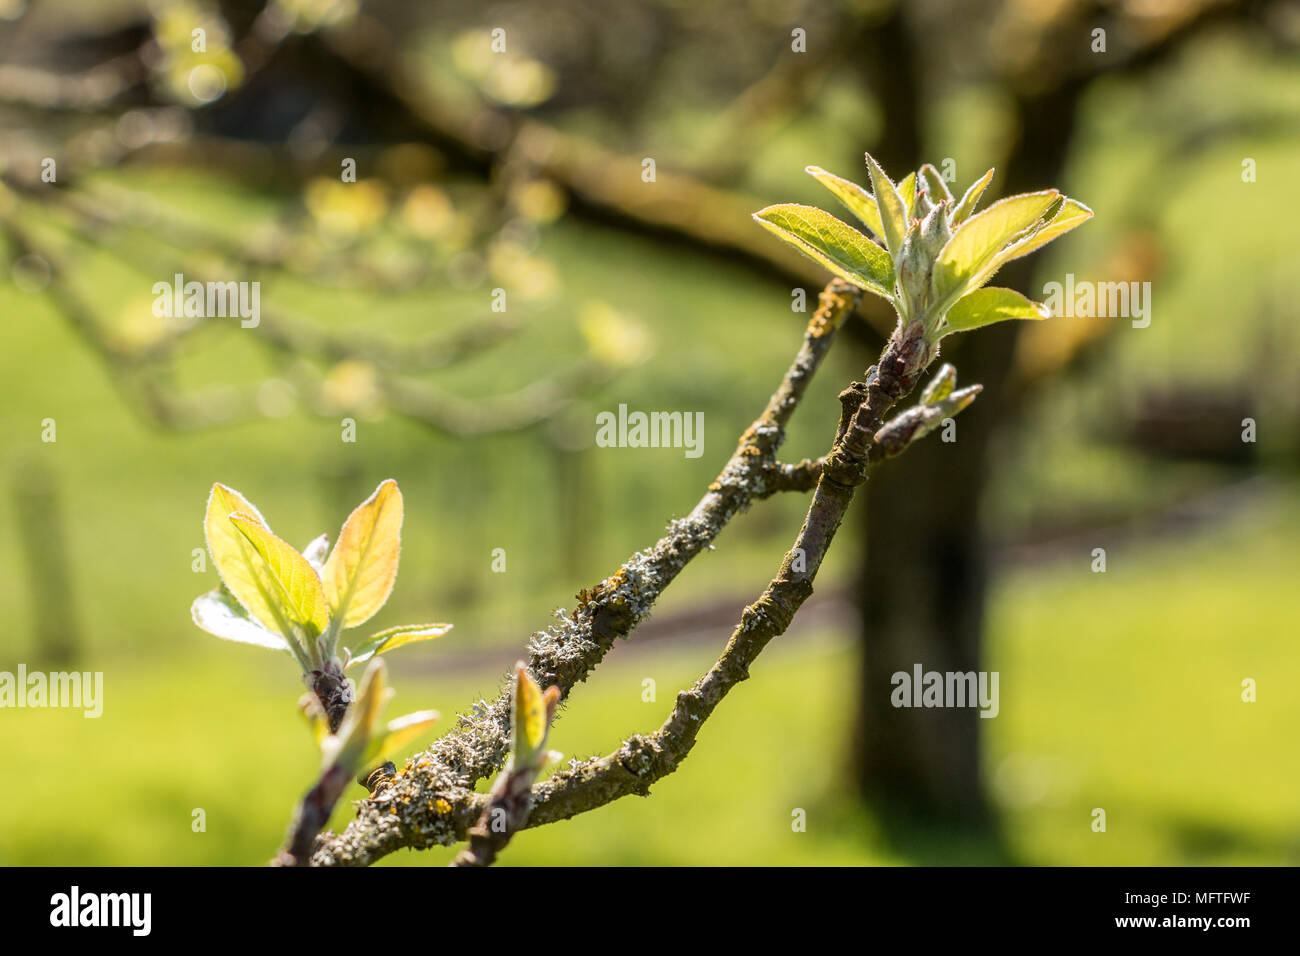 Grüne Blätter im Garten im Frühling Stockbild